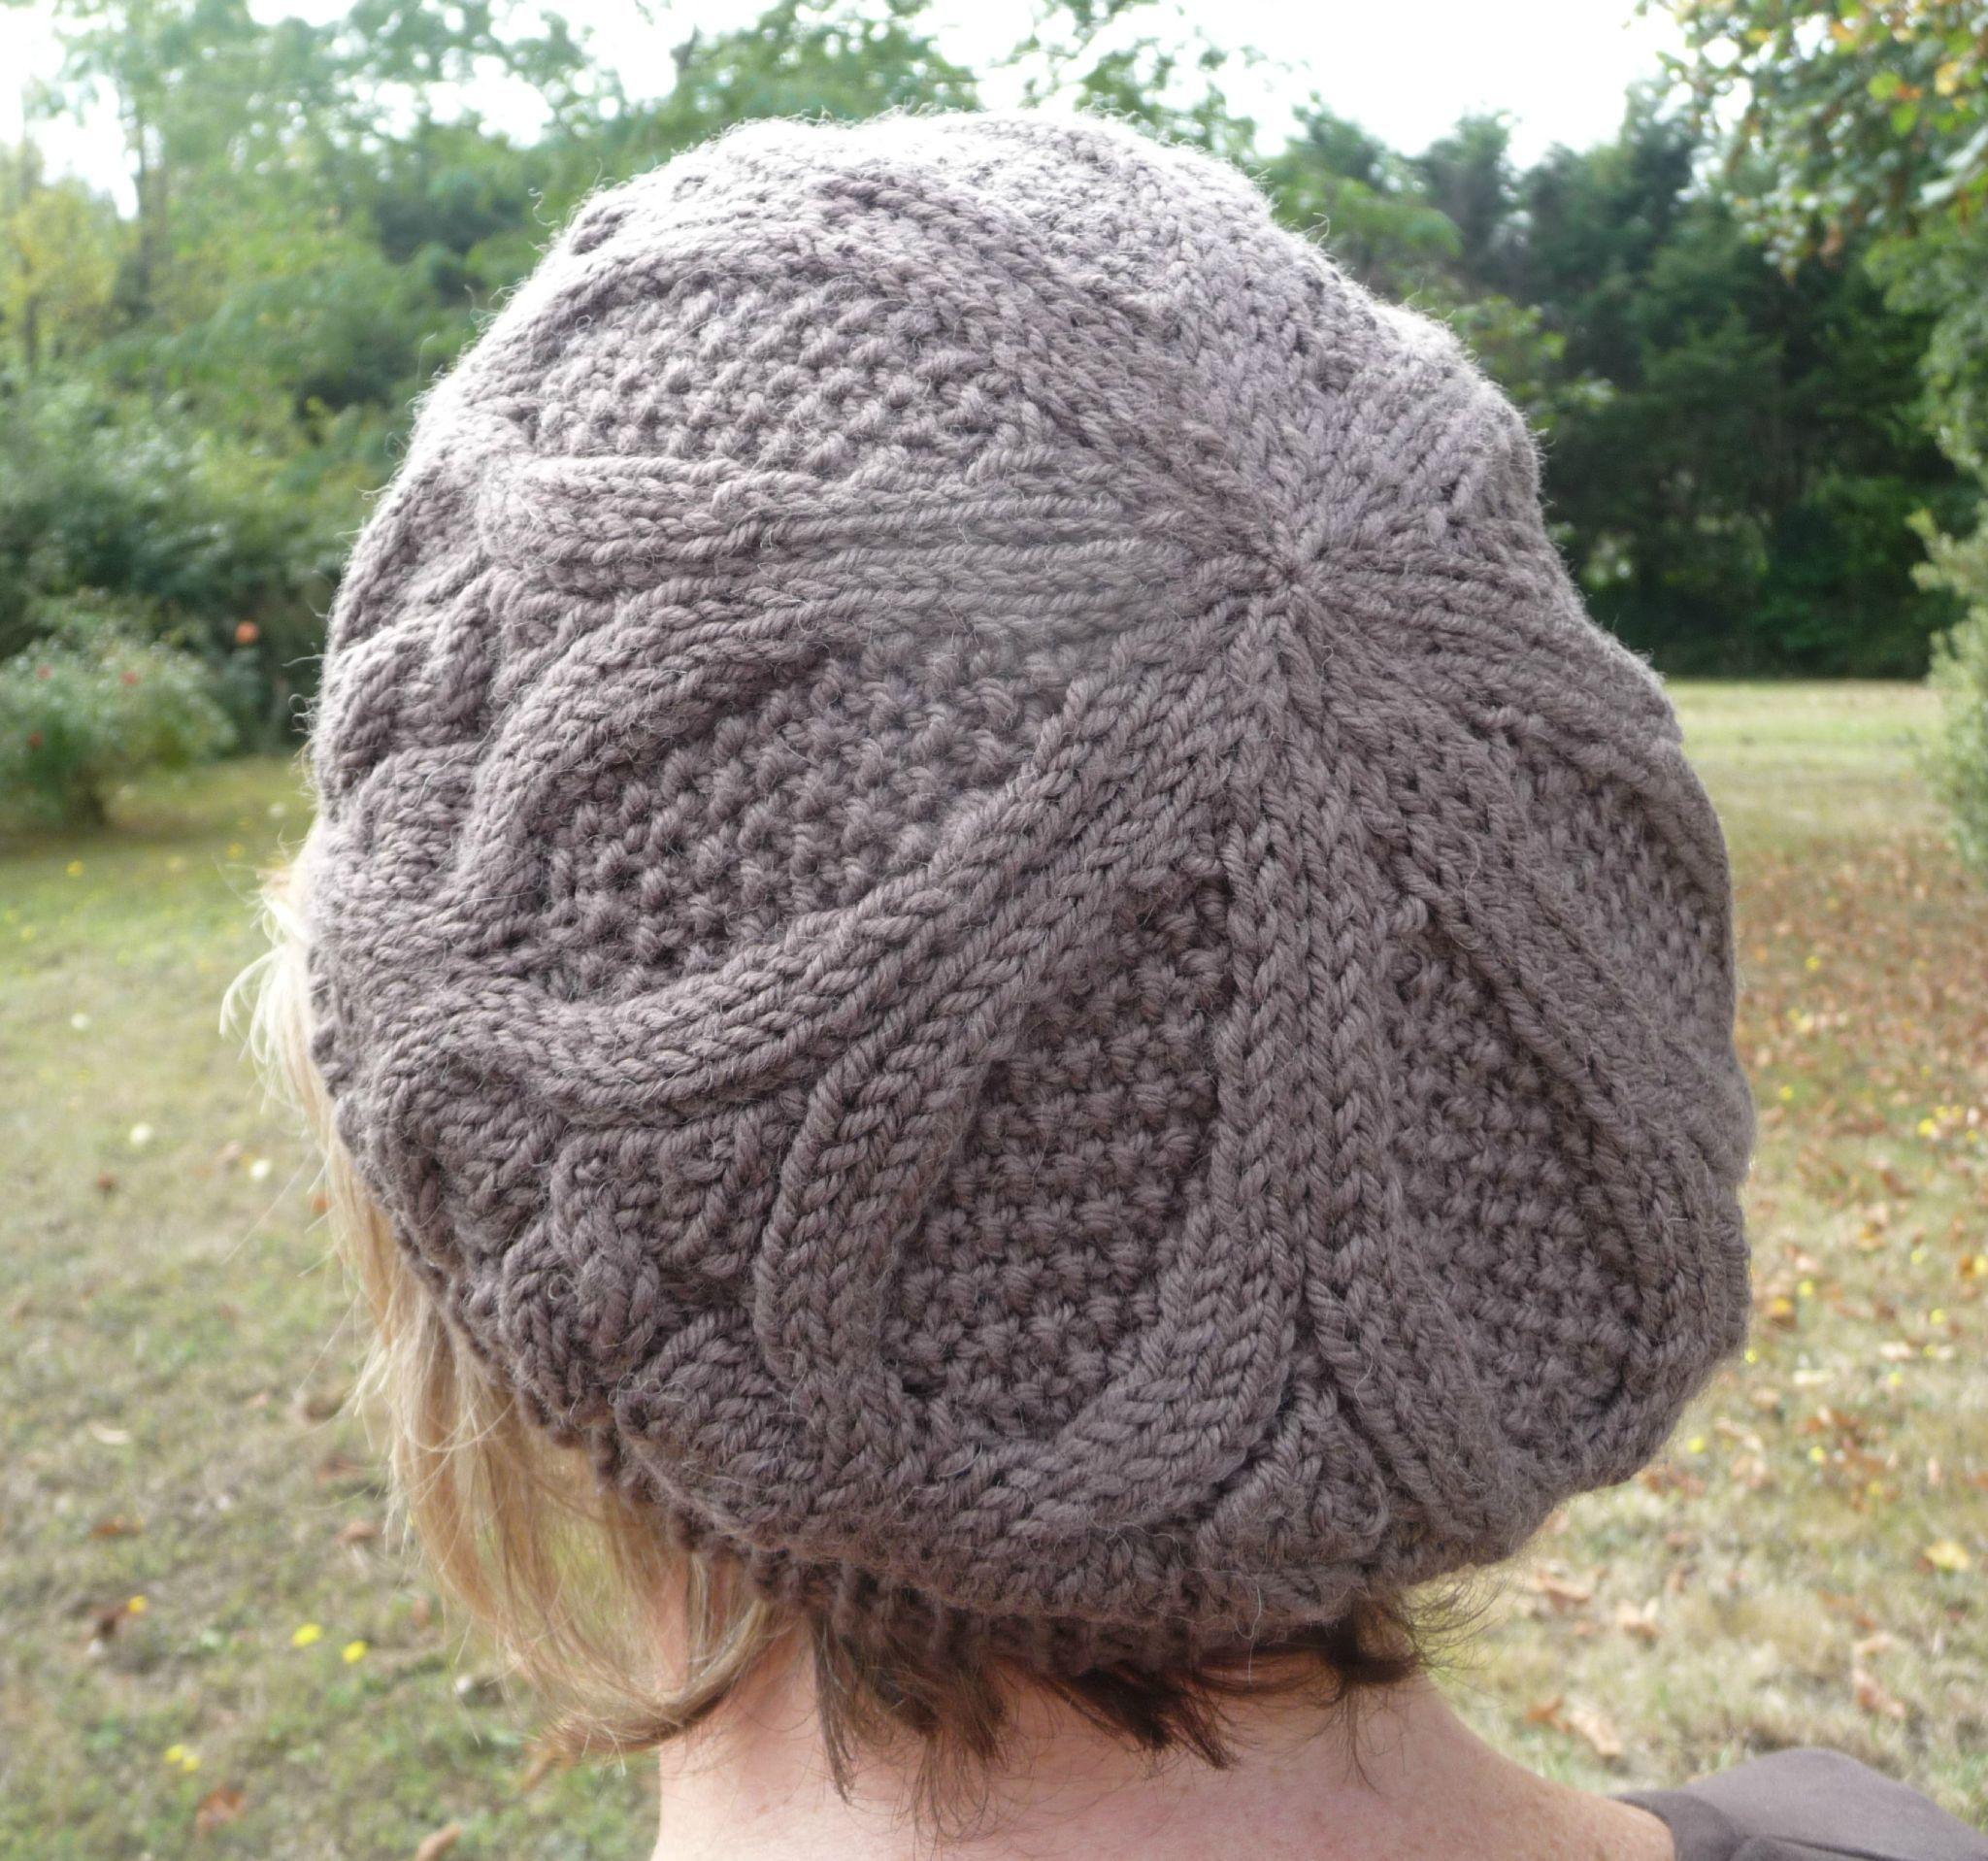 comment tricoter un beret   bonnet adulte   Beret, Knitting et ... 0ffcb03c230